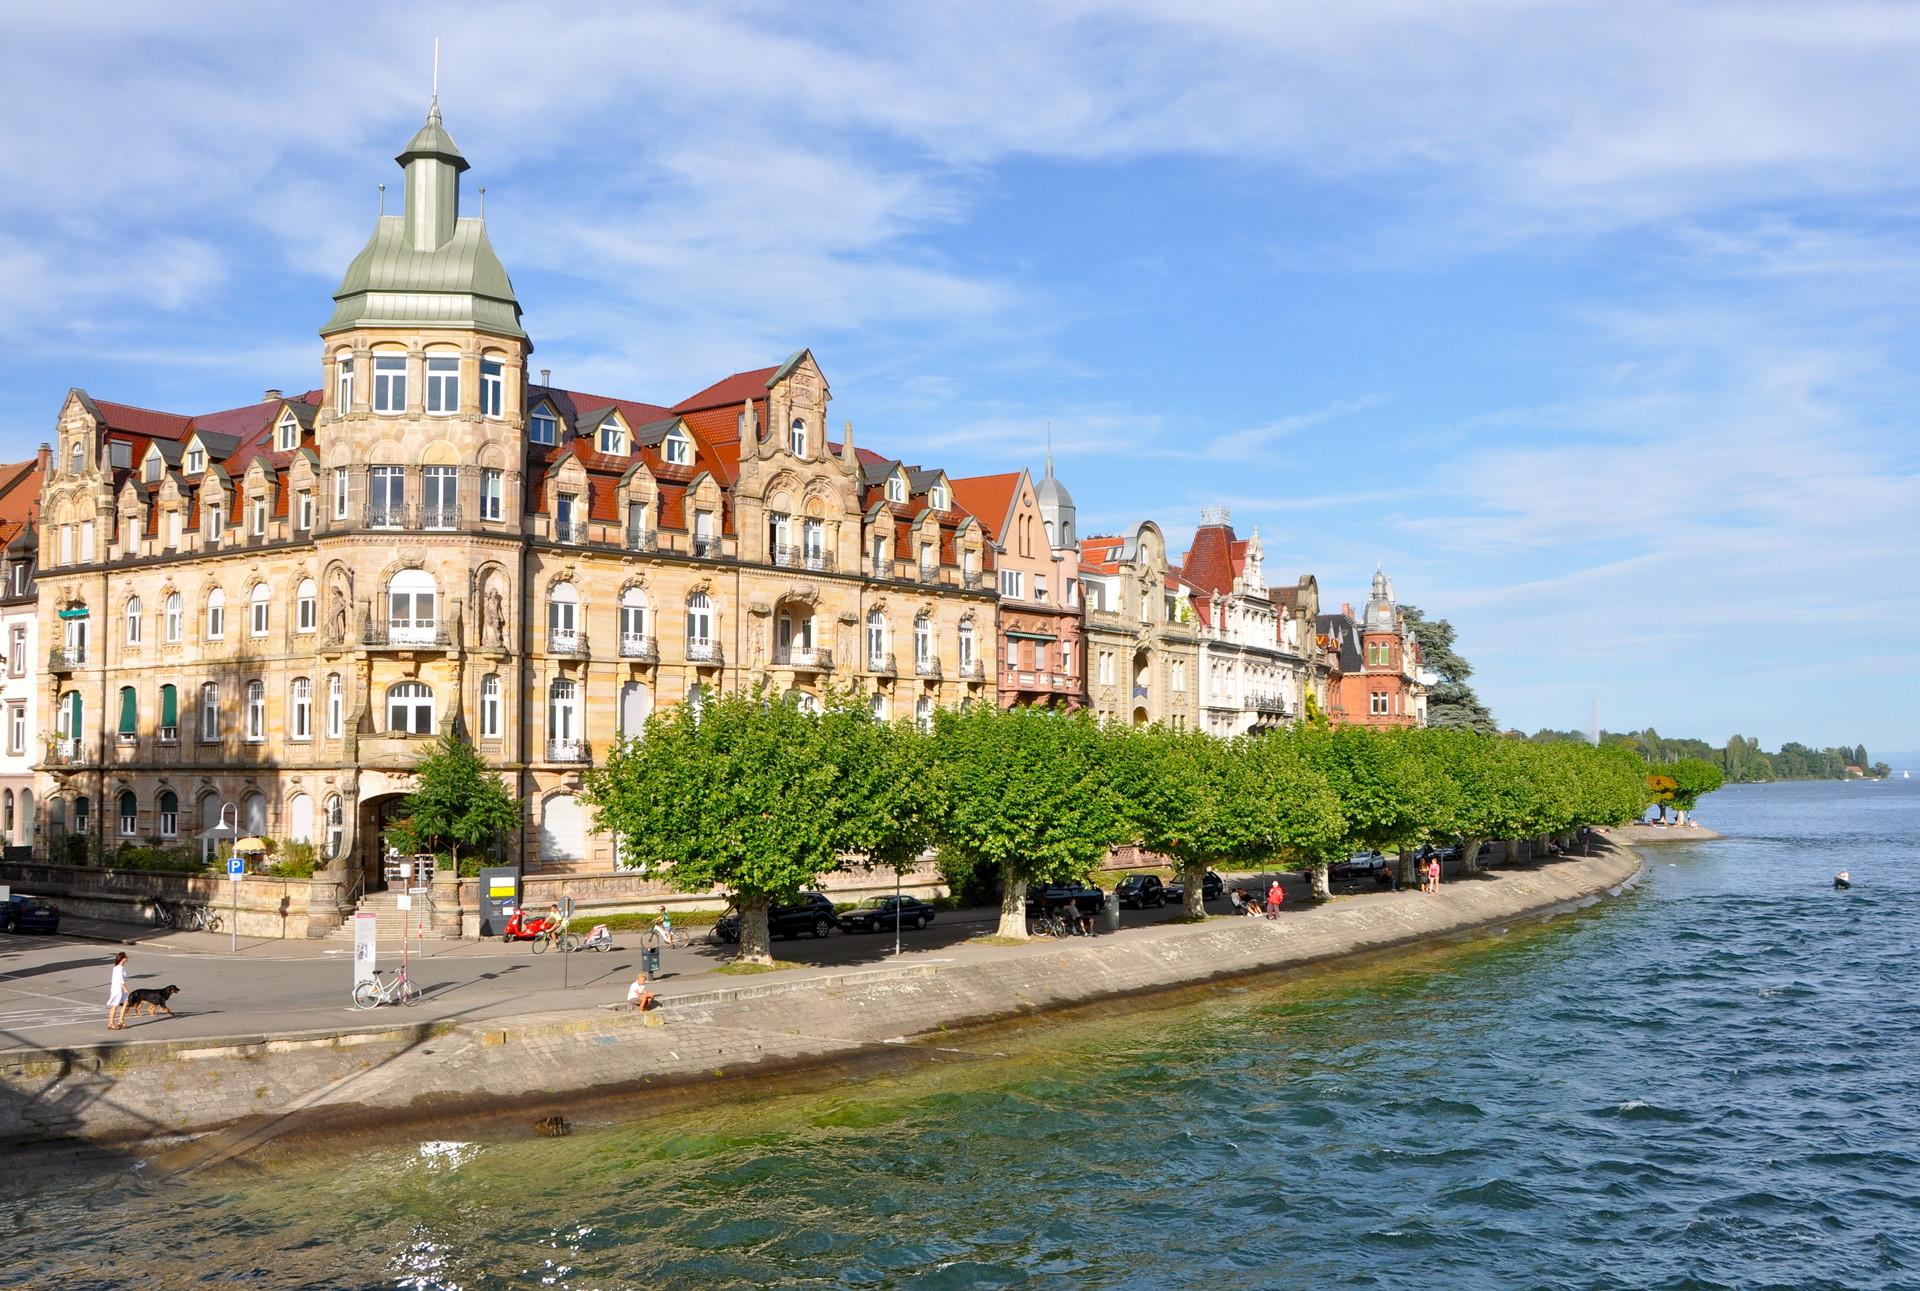 Doświadczenia z Konstancji, Niemcy oczami Jo